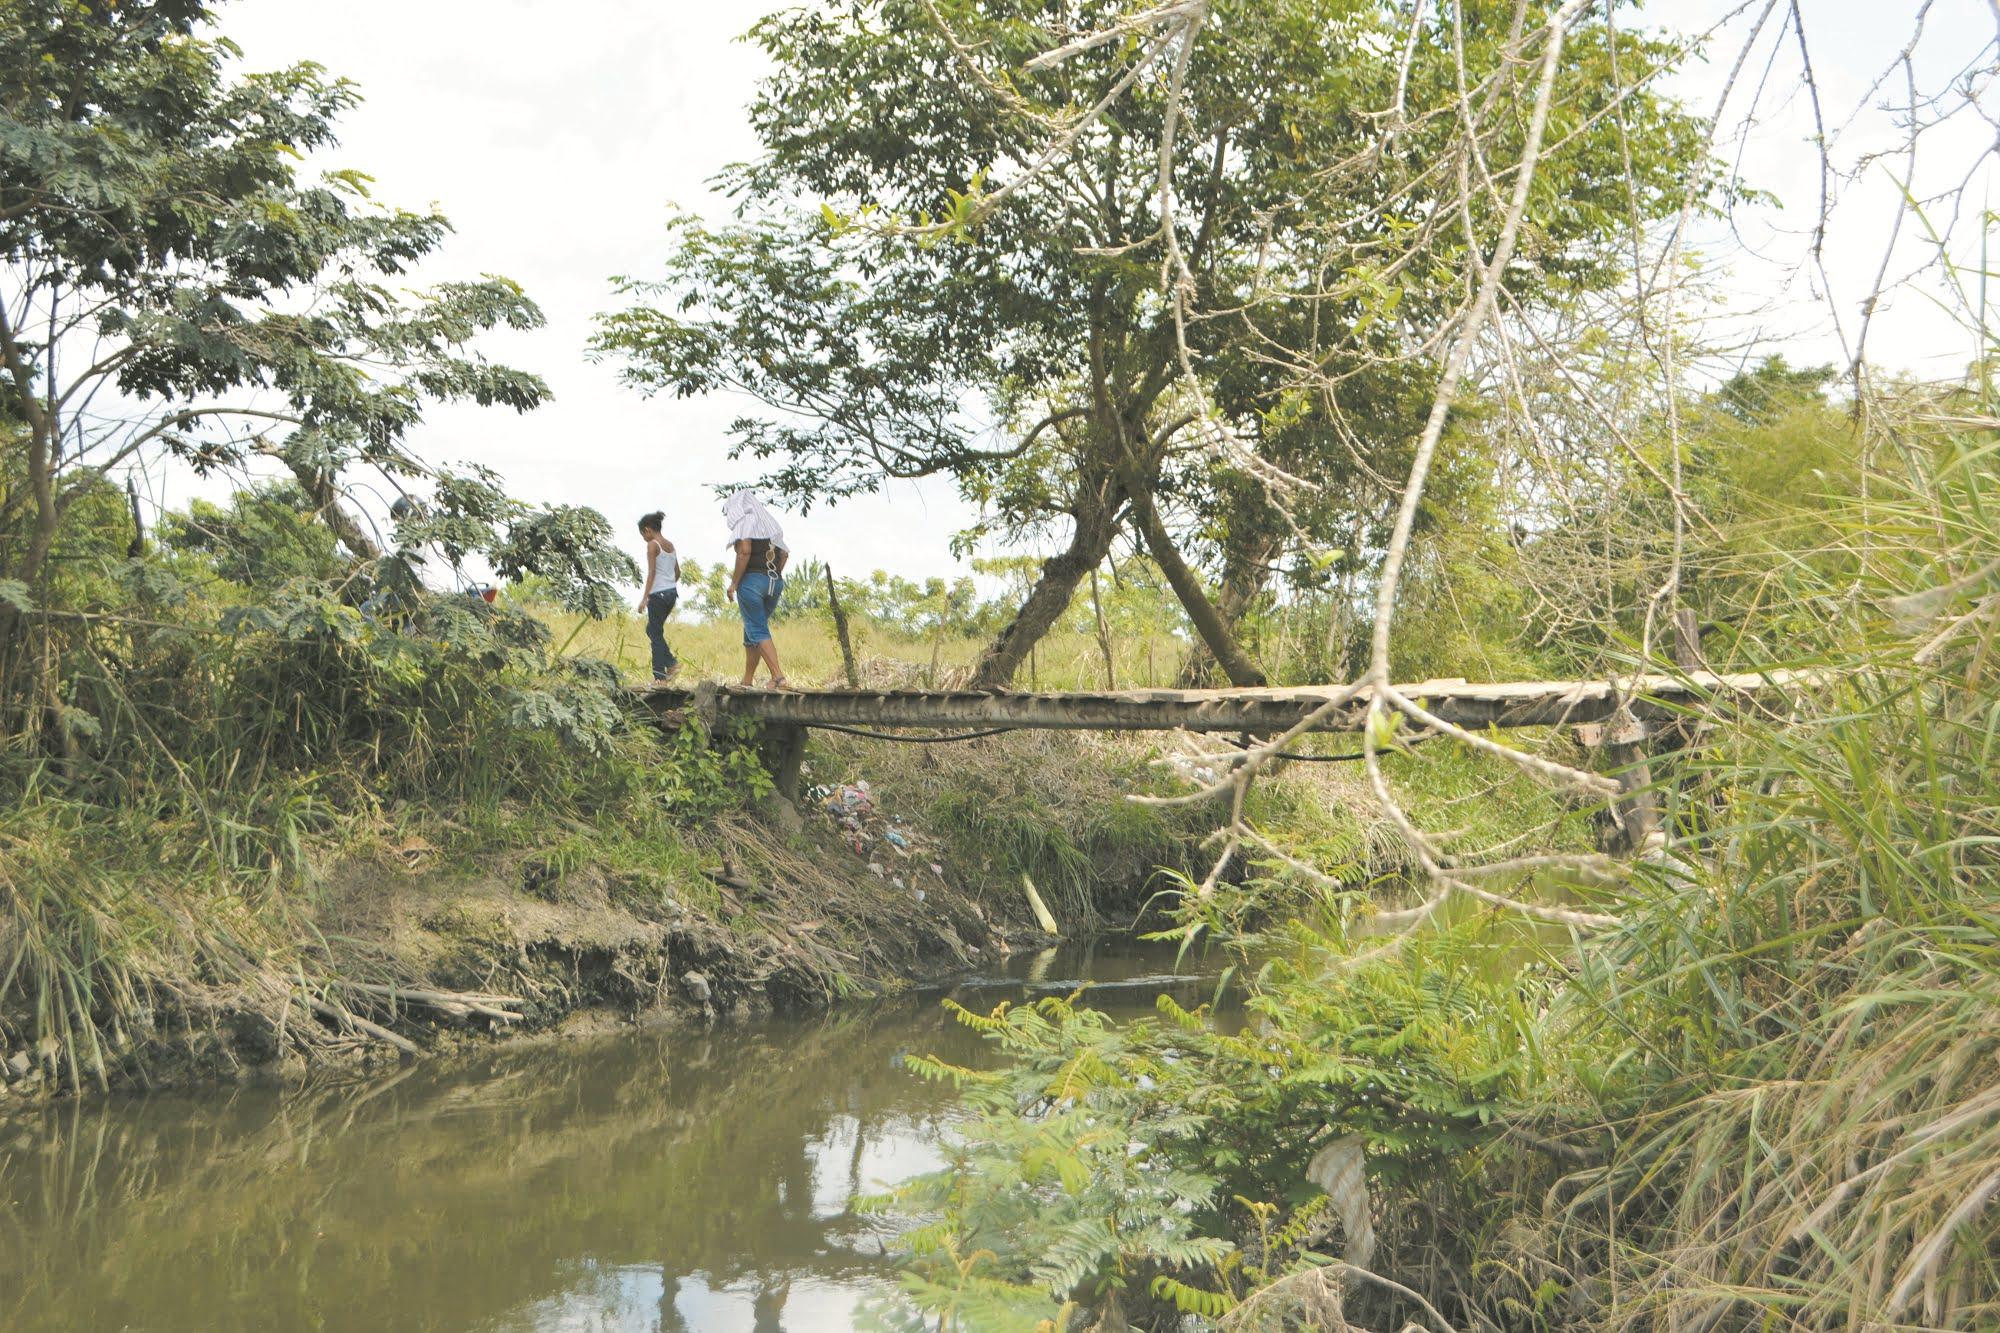 Ausencia de puente obliga a niños a caminar más de 7 kms. para poder ir estudiar